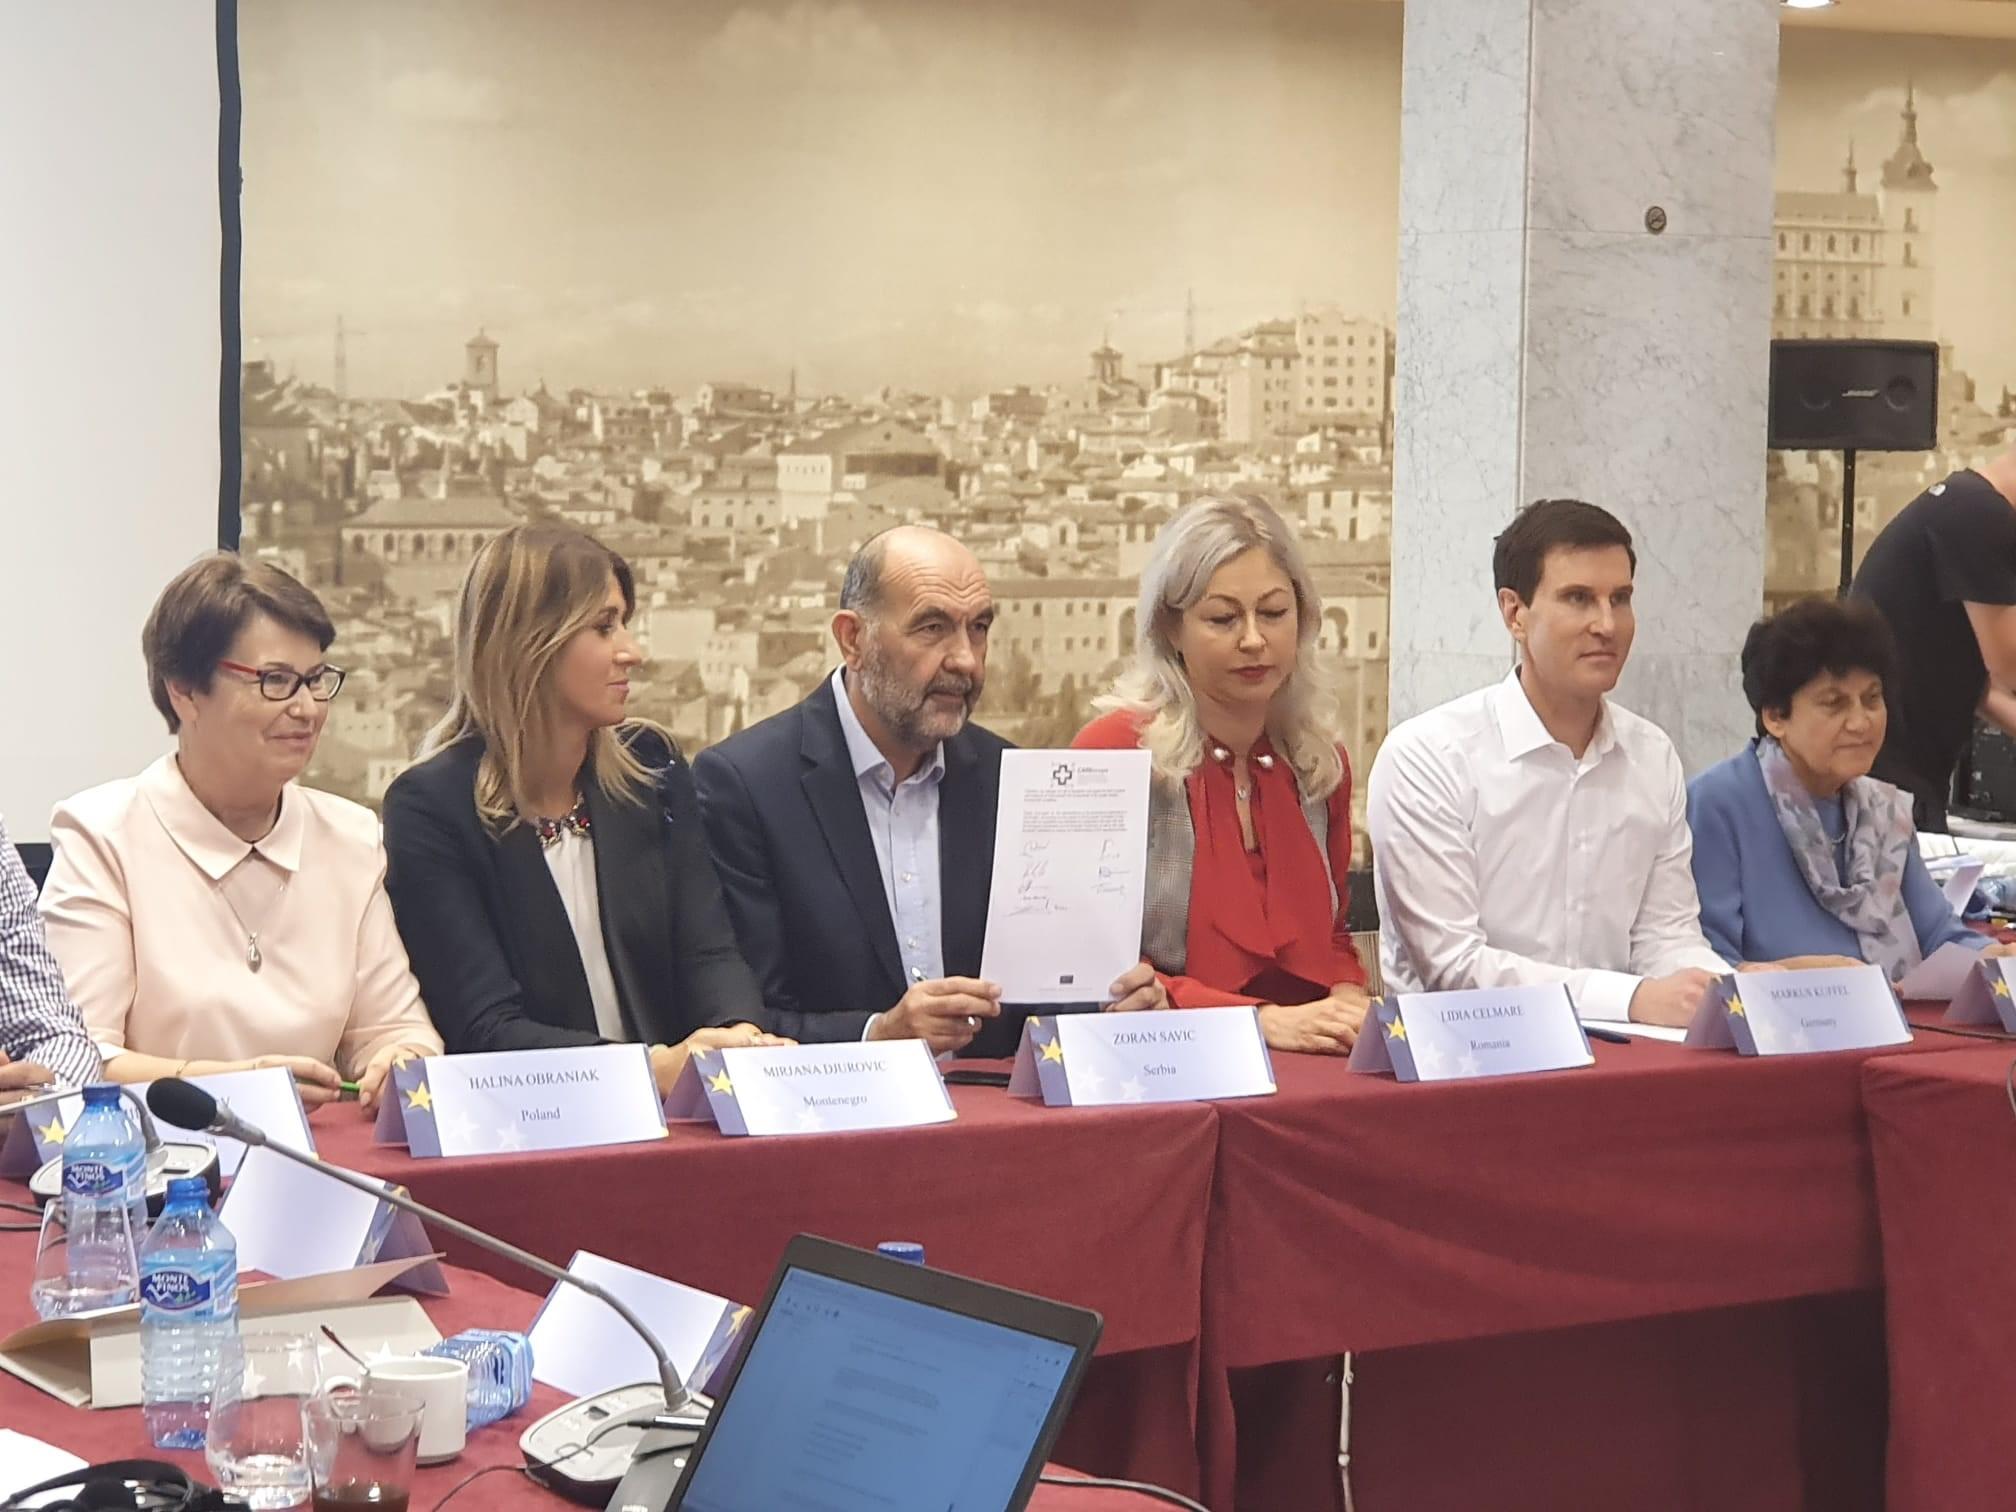 Debido a la creciente demanda de atención a las personas mayores, CSIT UNIÓN PROFESIONAL ha reclamado una regulación para los trabajadores de la salud y los cuidados asistenciales al Parlamento Europeo.